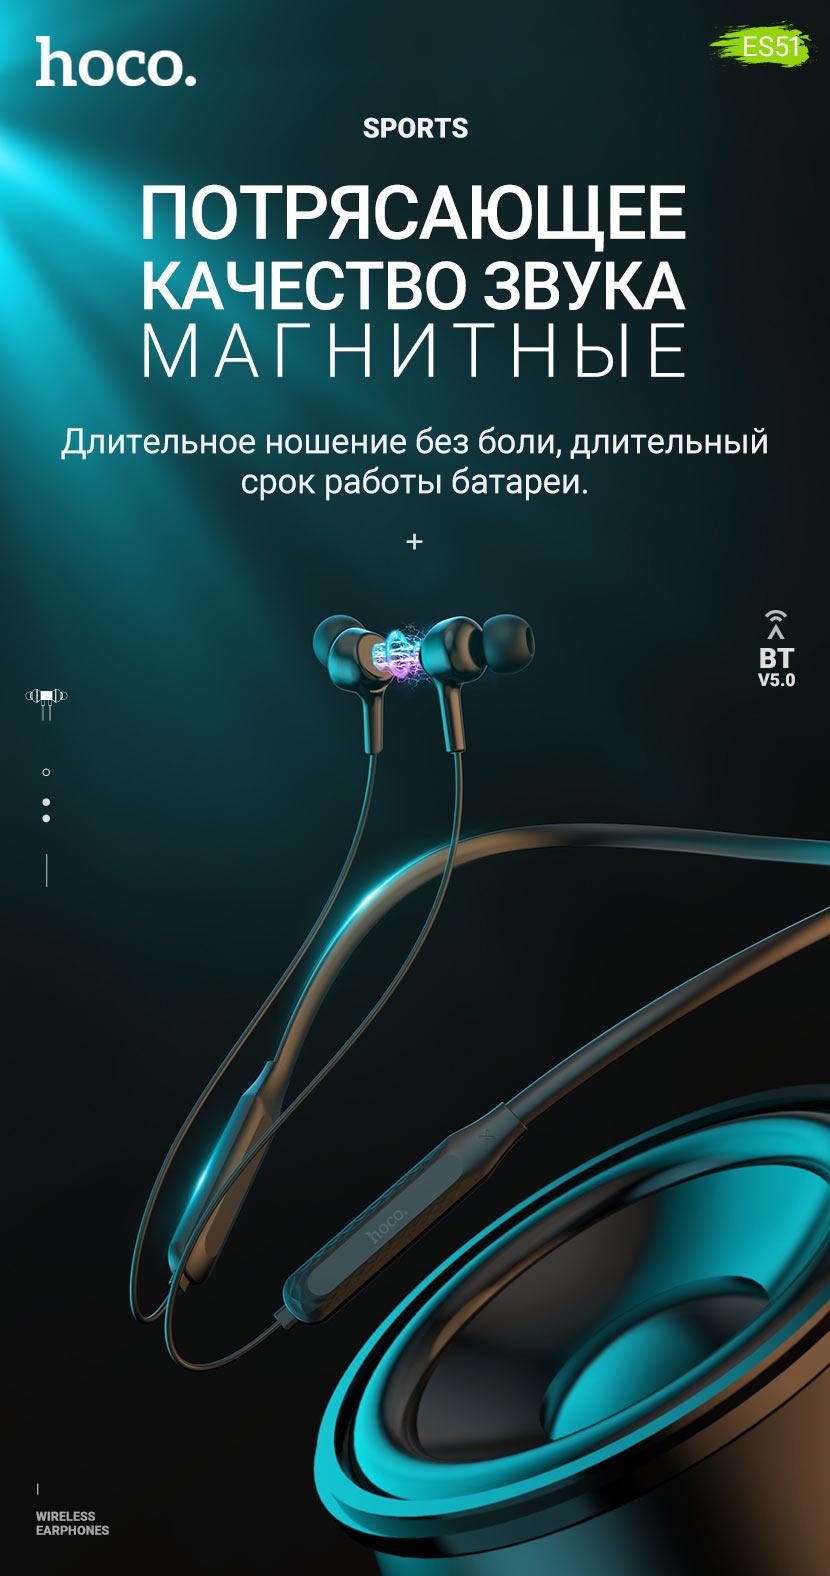 hoco news es51 era sports wireless earphones ru